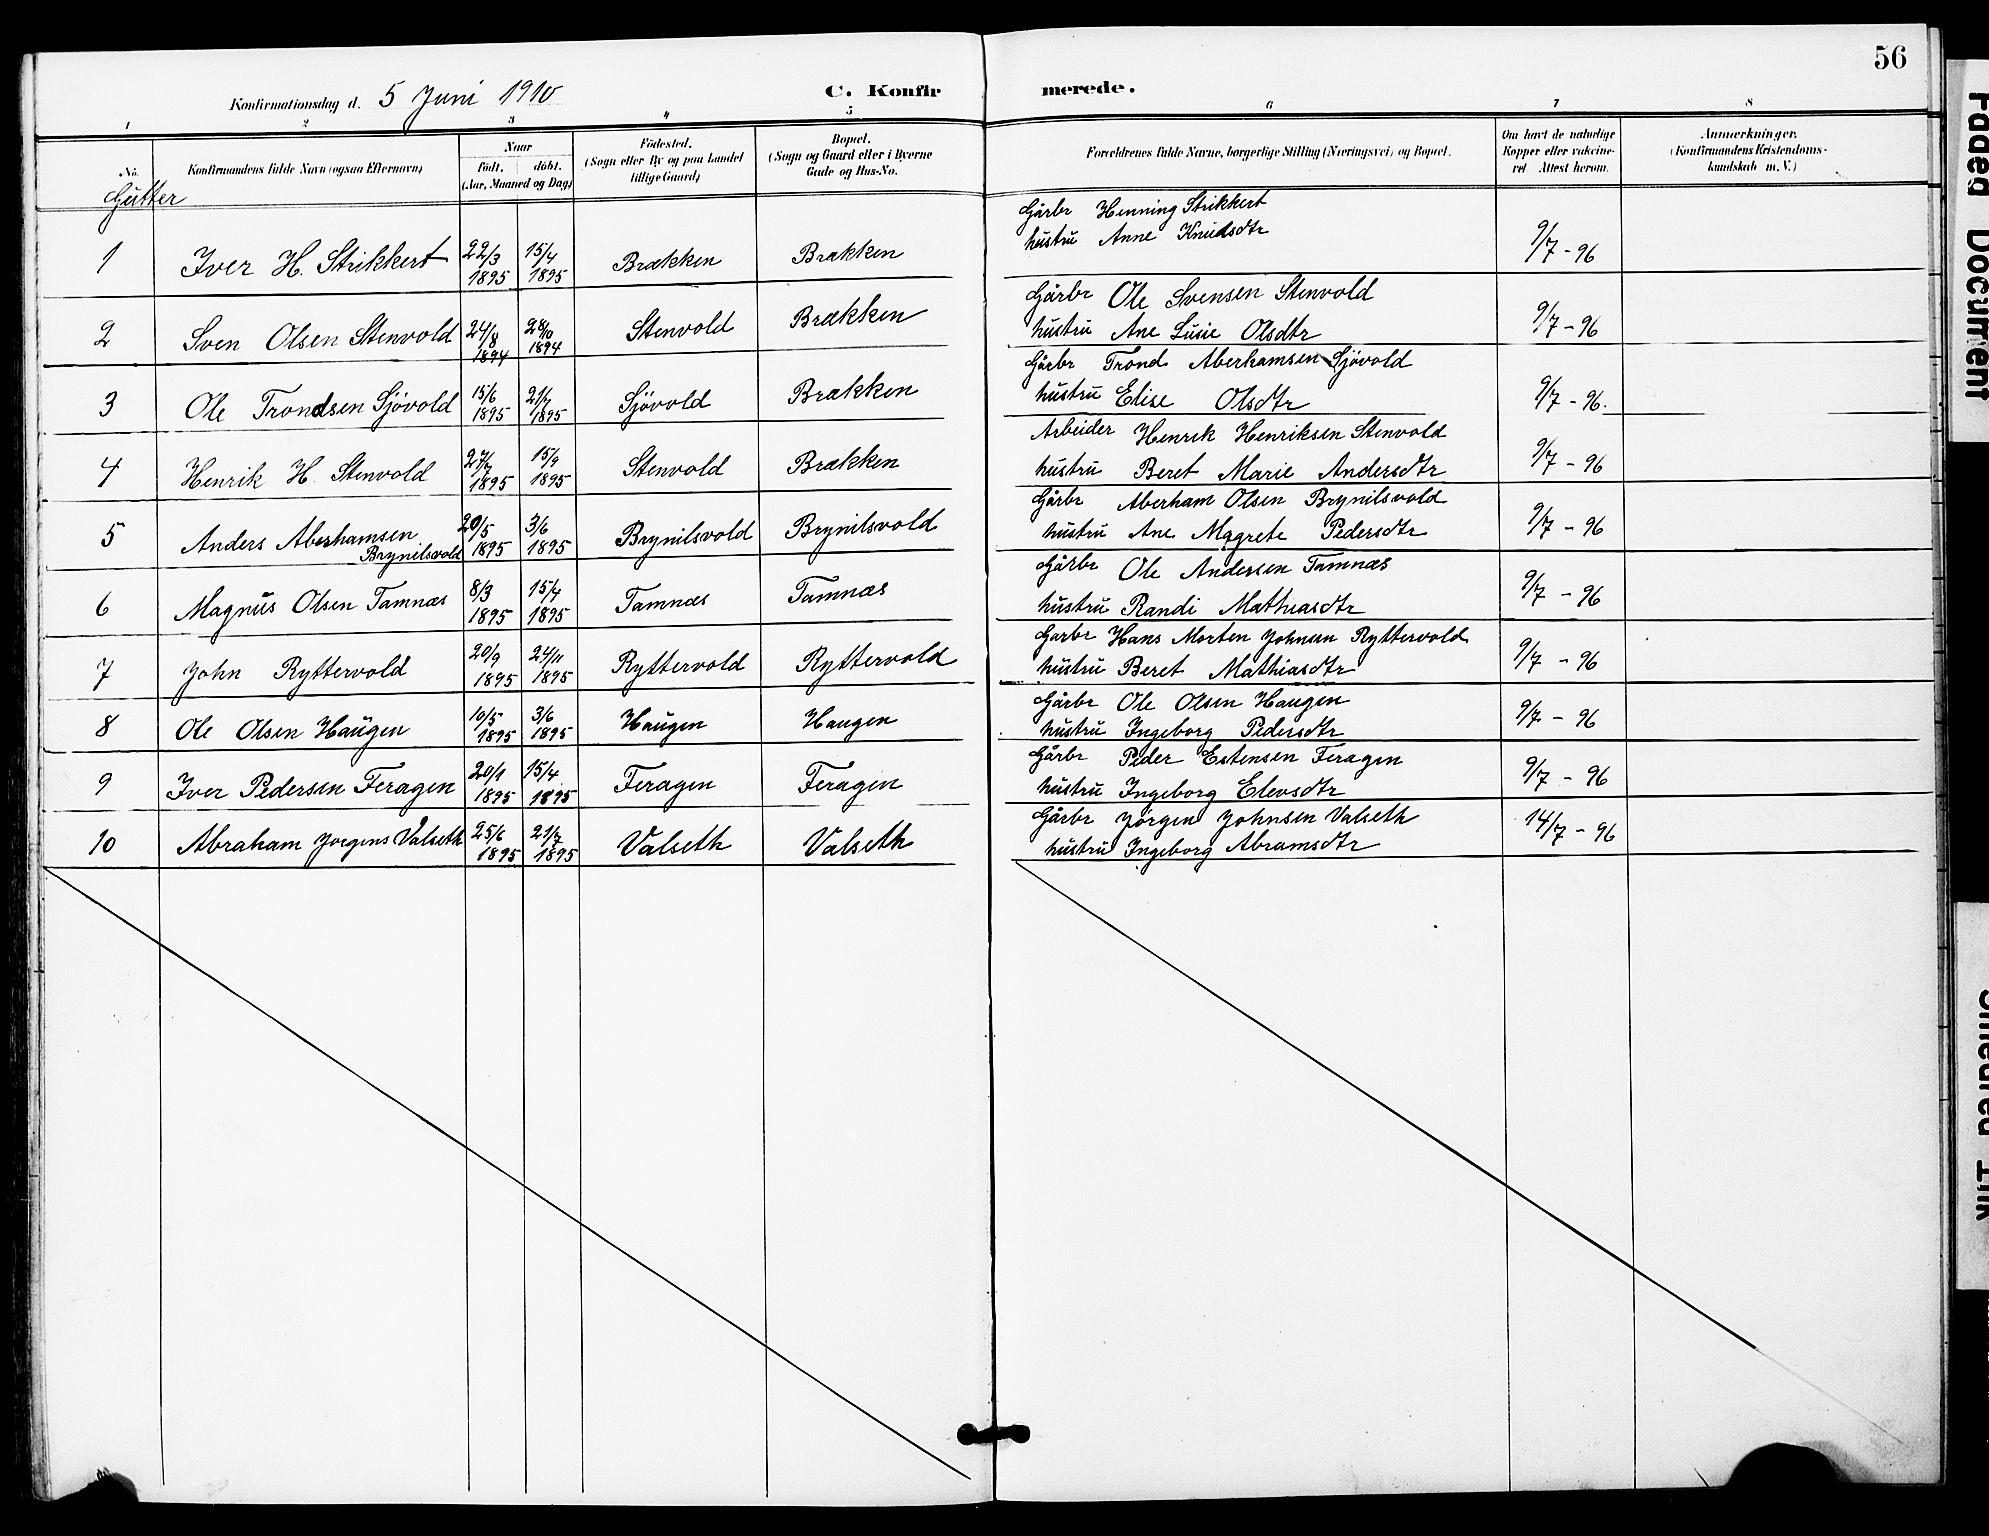 SAT, Ministerialprotokoller, klokkerbøker og fødselsregistre - Sør-Trøndelag, 683/L0950: Klokkerbok nr. 683C02, 1897-1918, s. 56